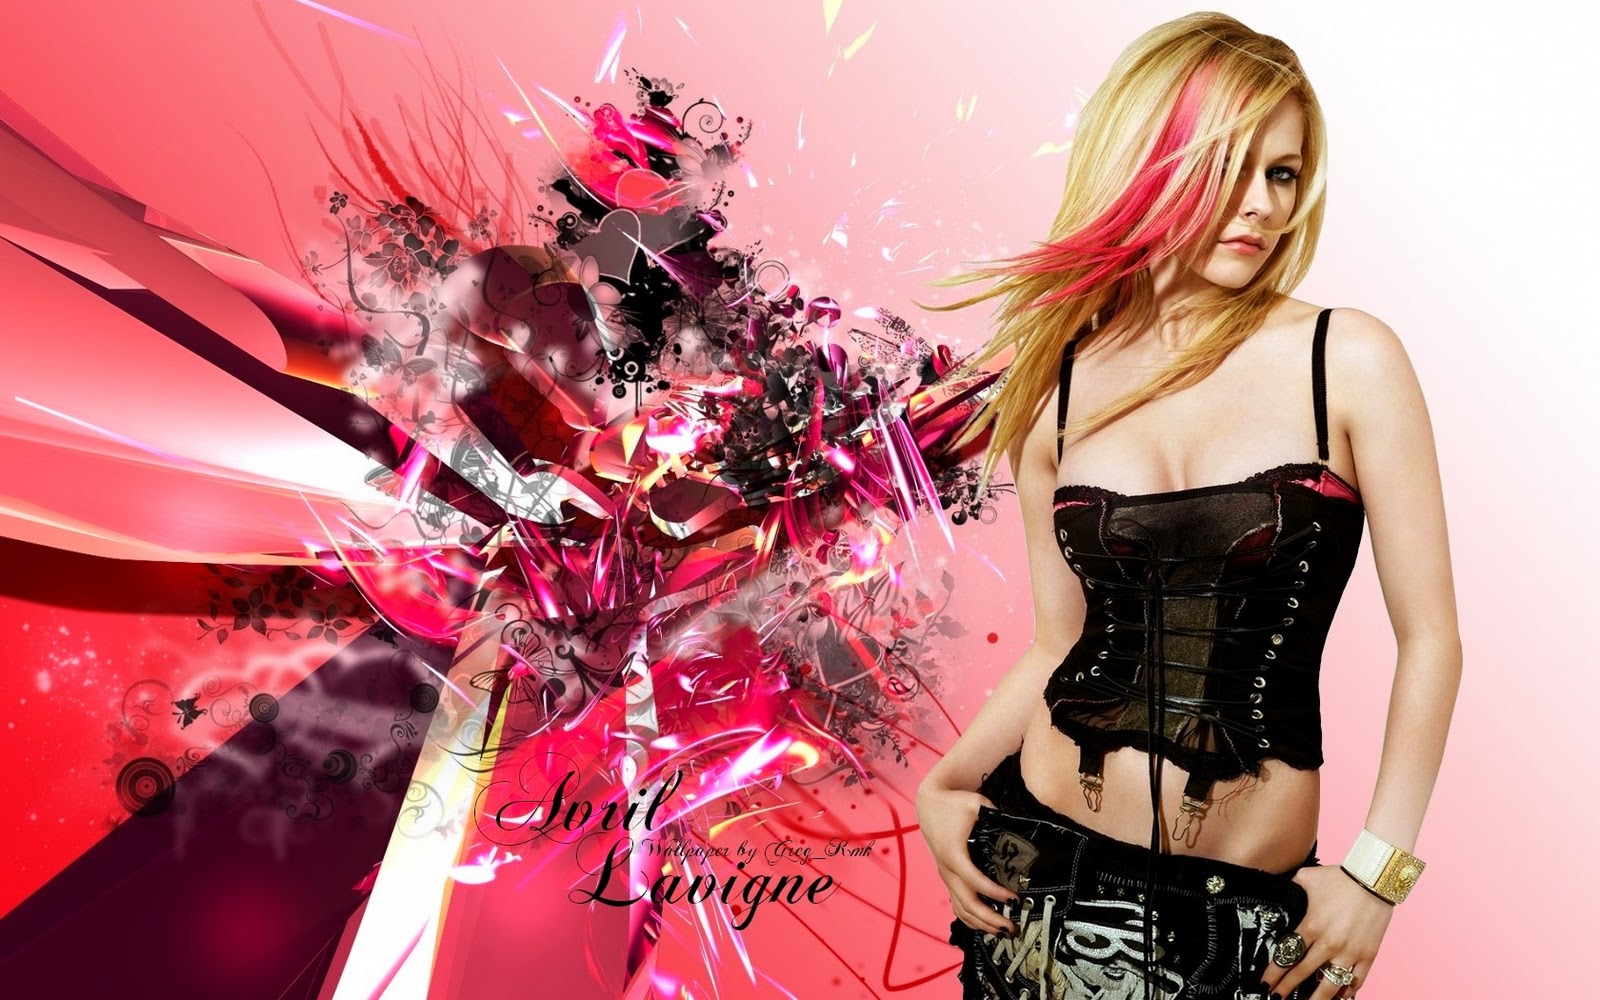 Avril Lavigne Widescreen HQ Wallpaper 12456